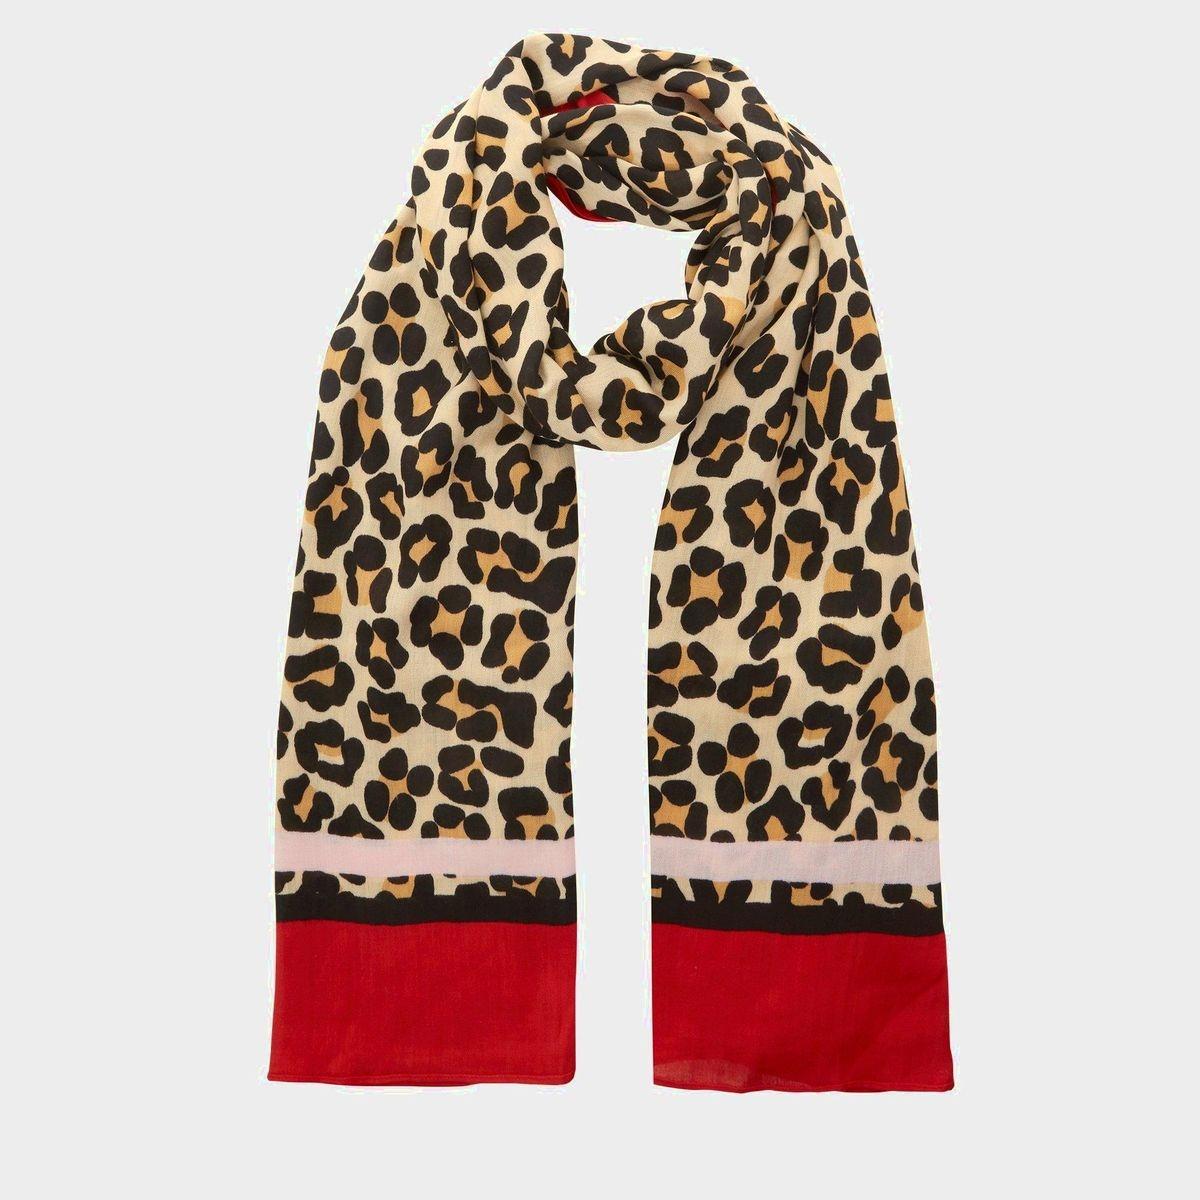 Nouveau Écharpe à imprimé léopard - LEORDER. DUNE 981b3849a06e